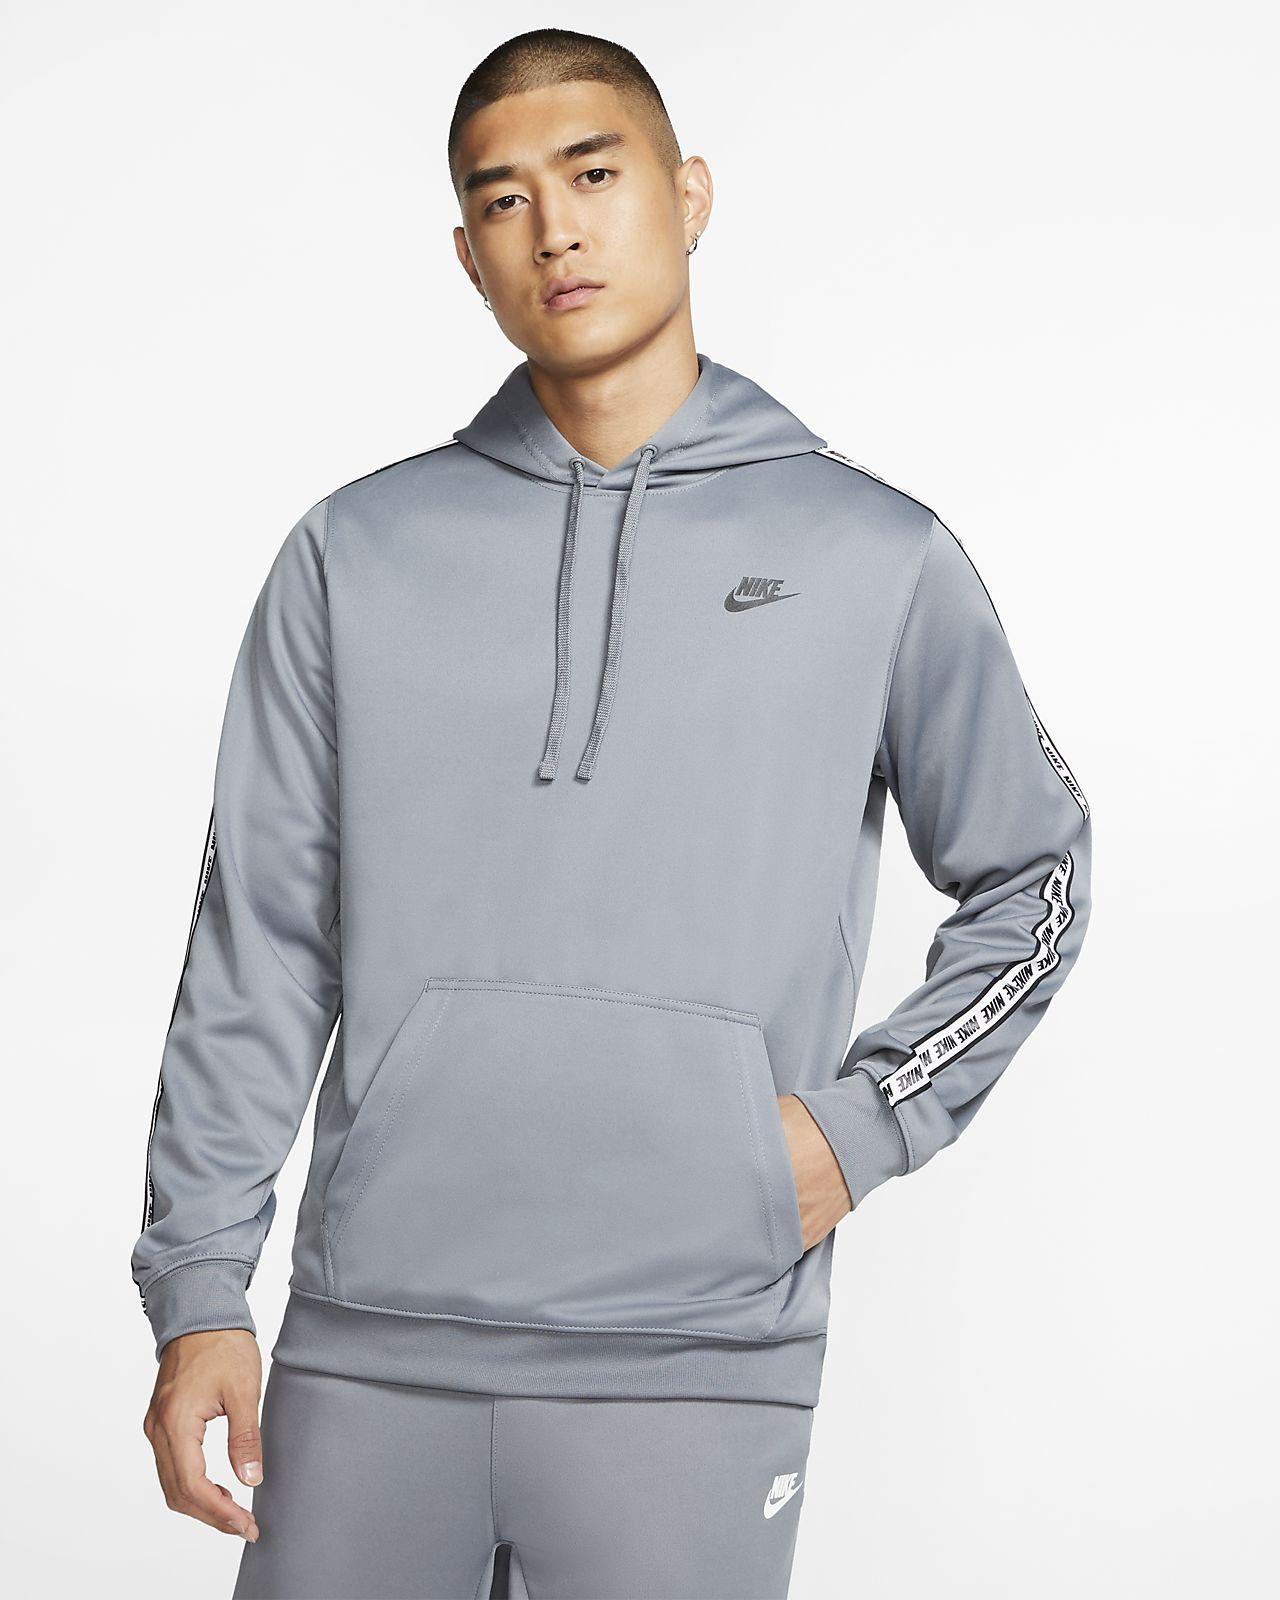 Ανδρική μπλούζα με κουκούλα Nike Sportswear